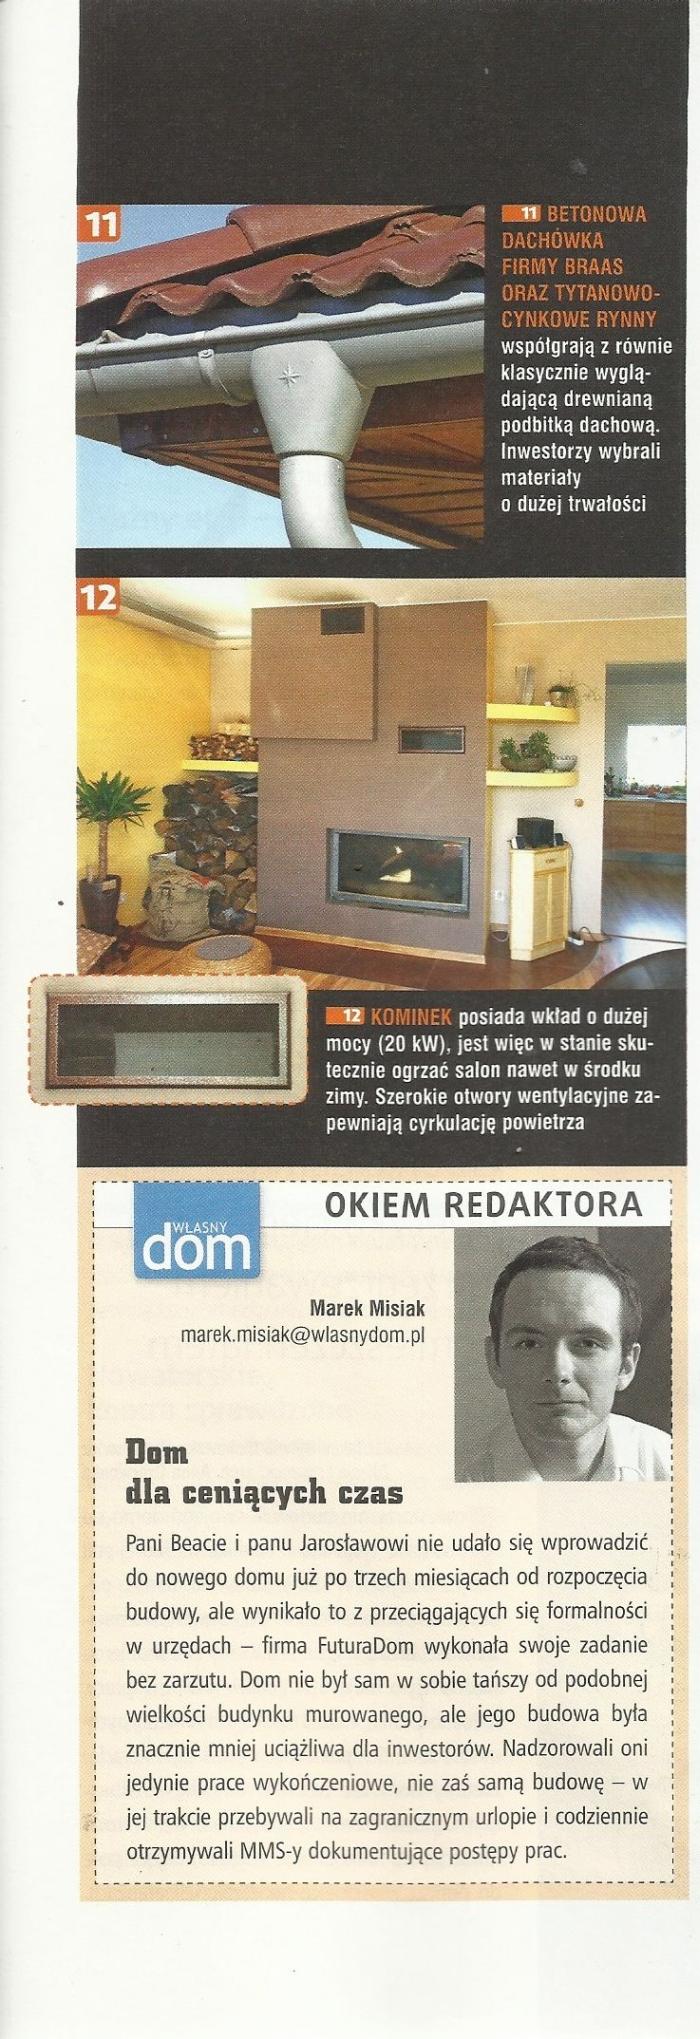 Artykuł pochodzi z miesięcznika Własny dom numer 01/2013